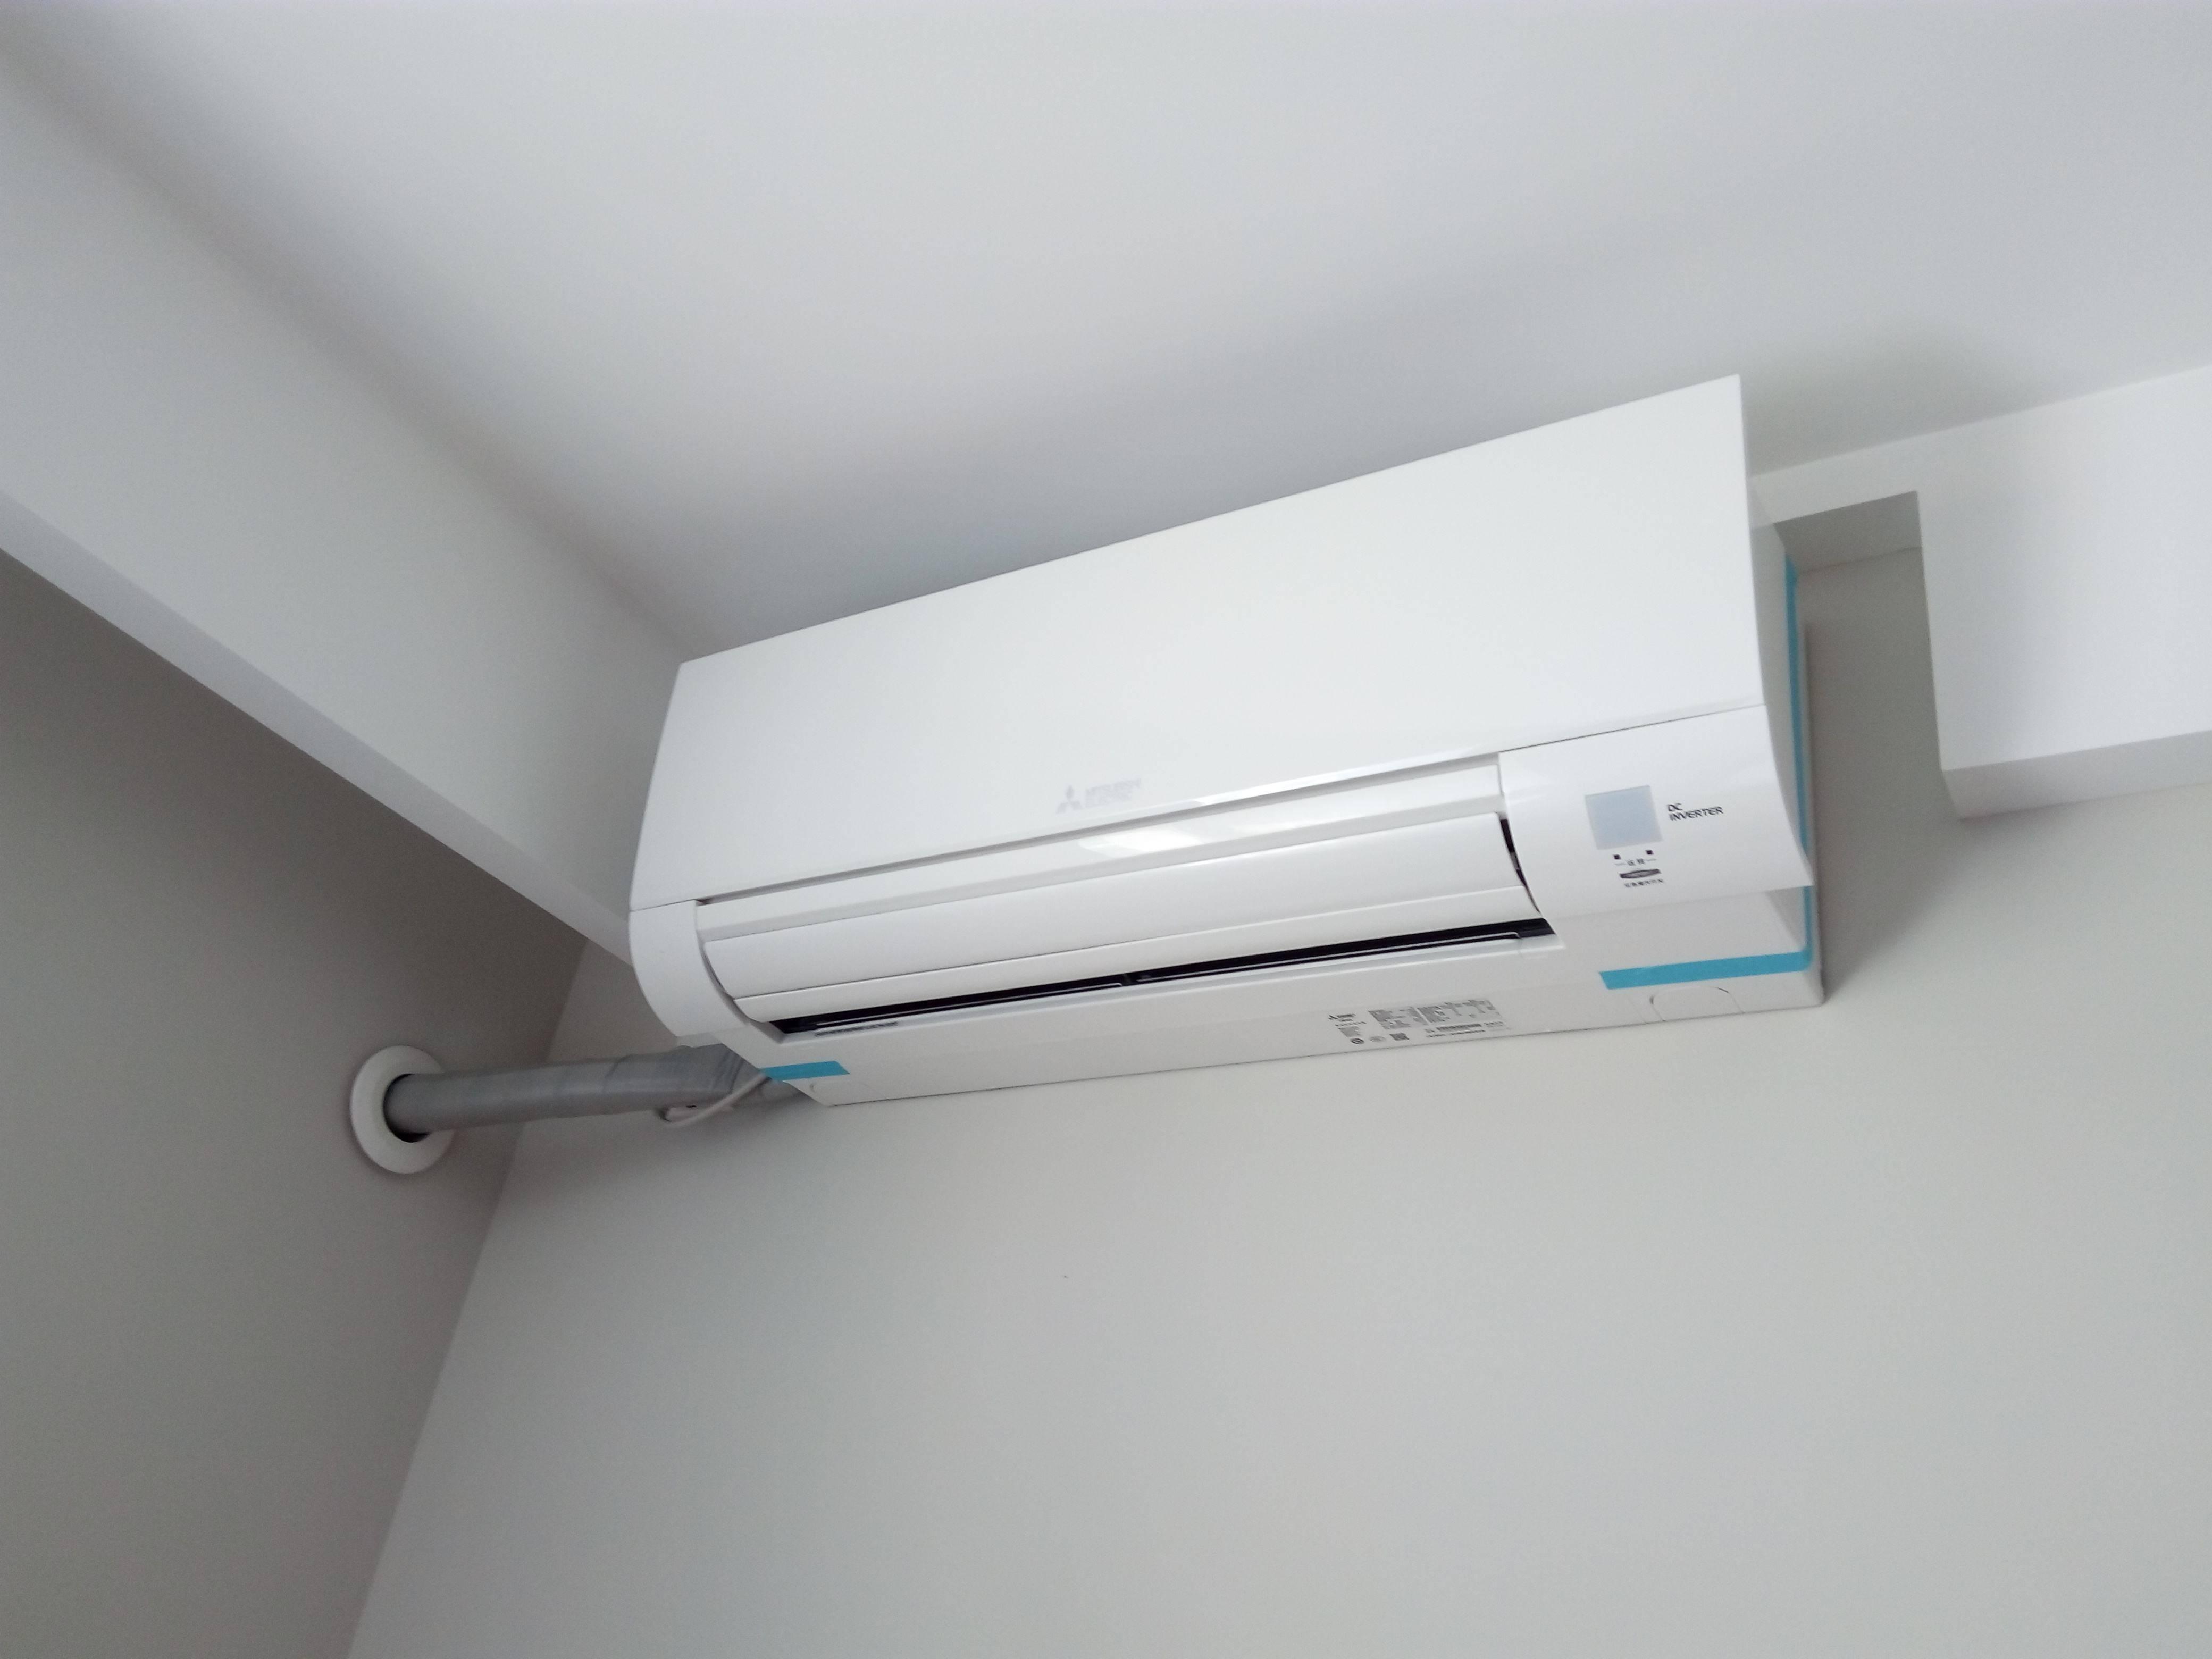 空调接口处漏氟怎么办?试试这样做吧